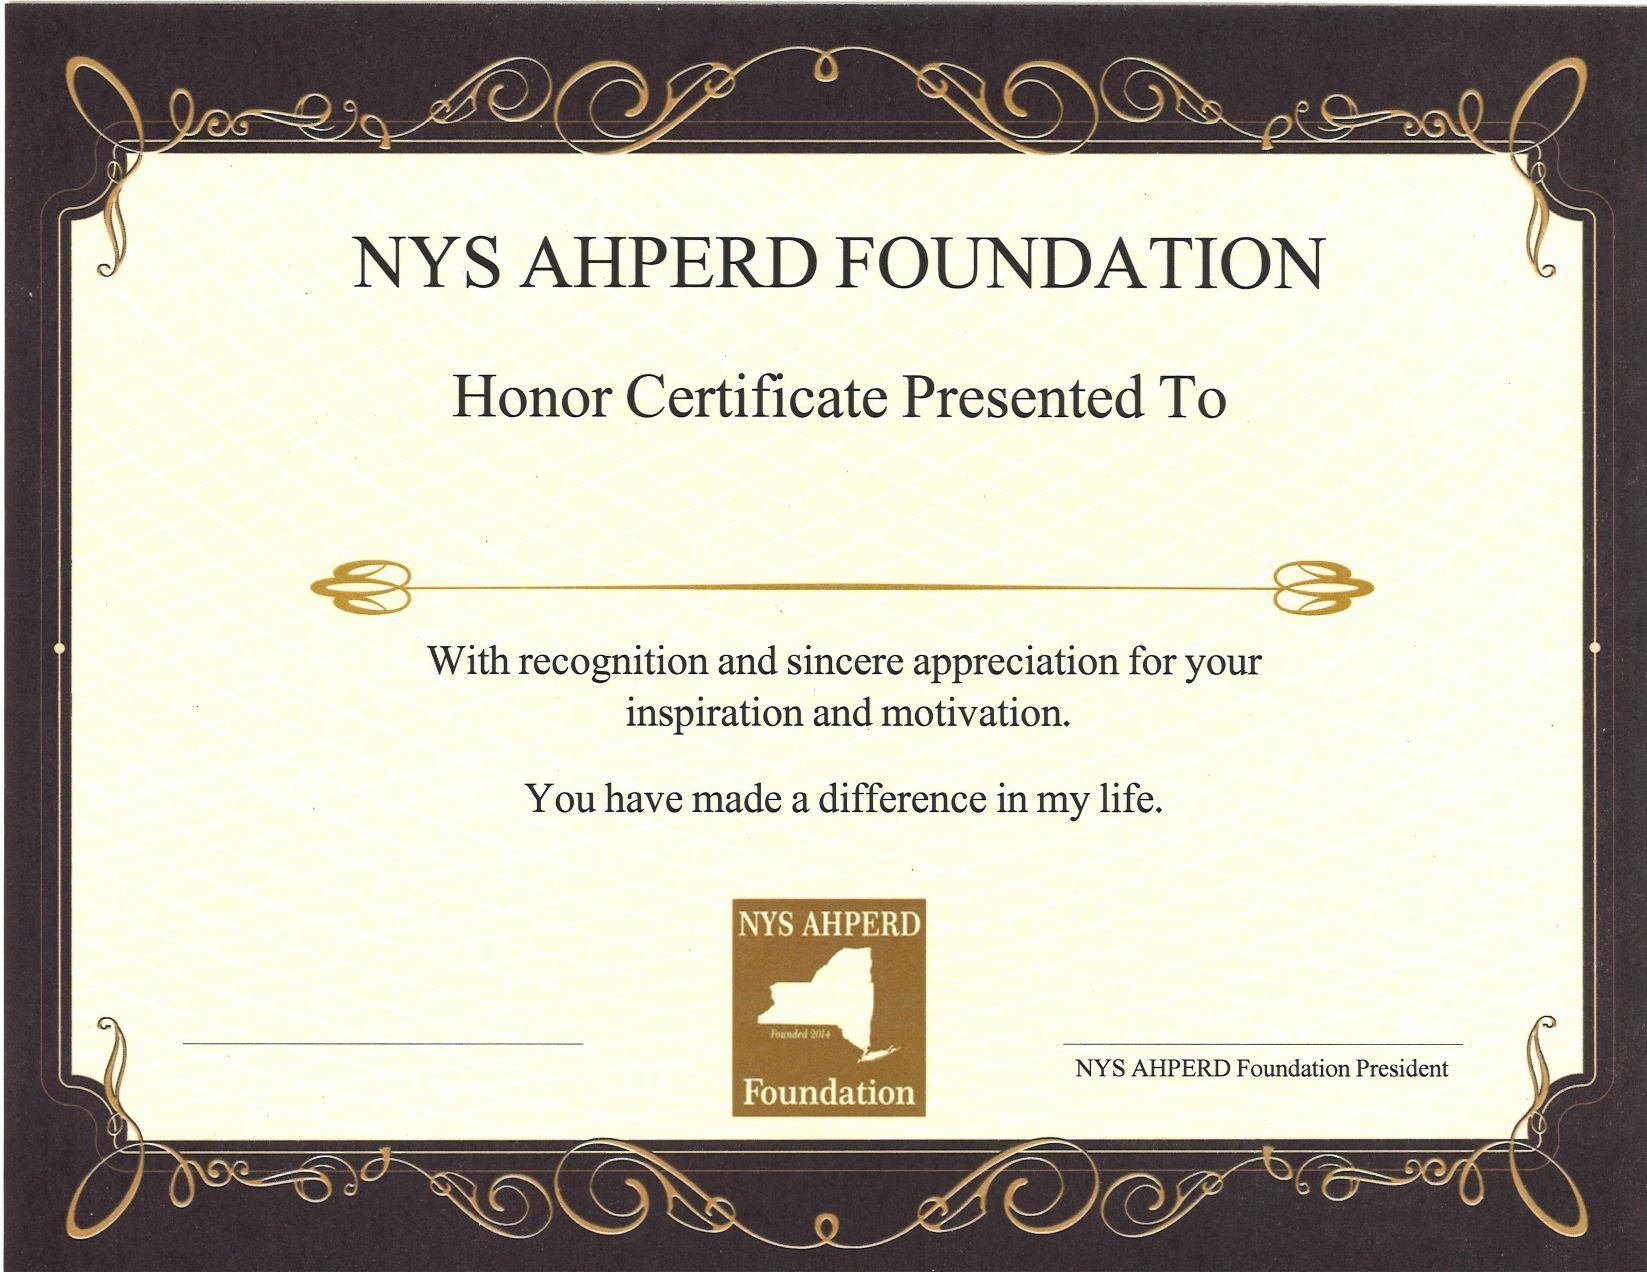 honor certificate 2016